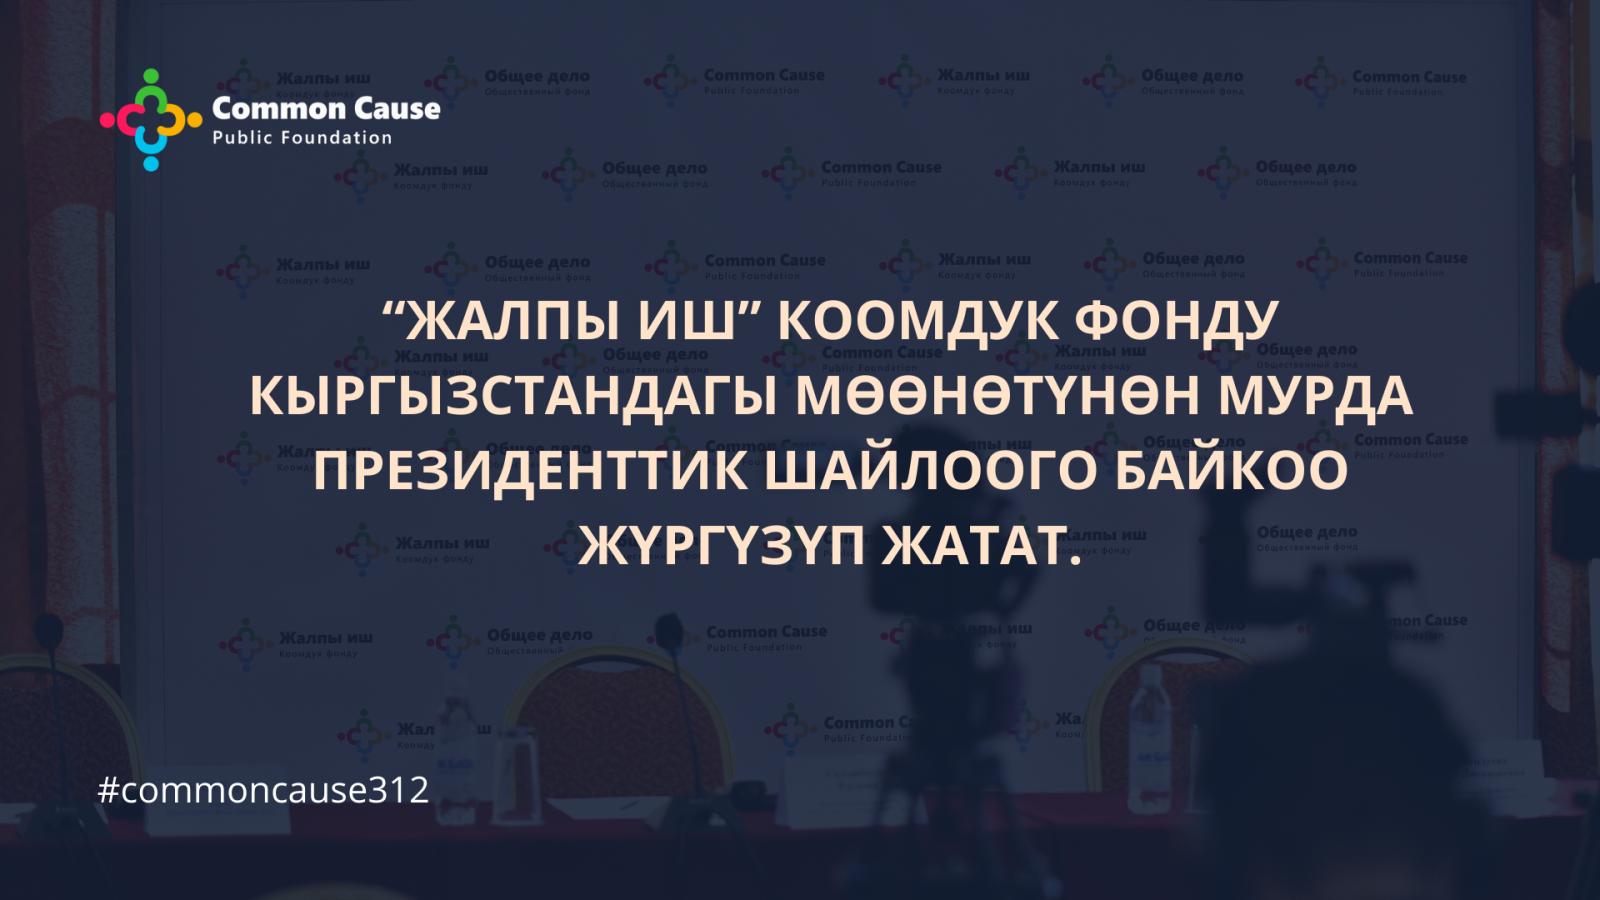 """""""Жалпы иш"""" коомдук фонду Кыргызстандагы мөөнөтүнөн мурда президенттик шайлоого байкоо жүргүзүп жатат."""